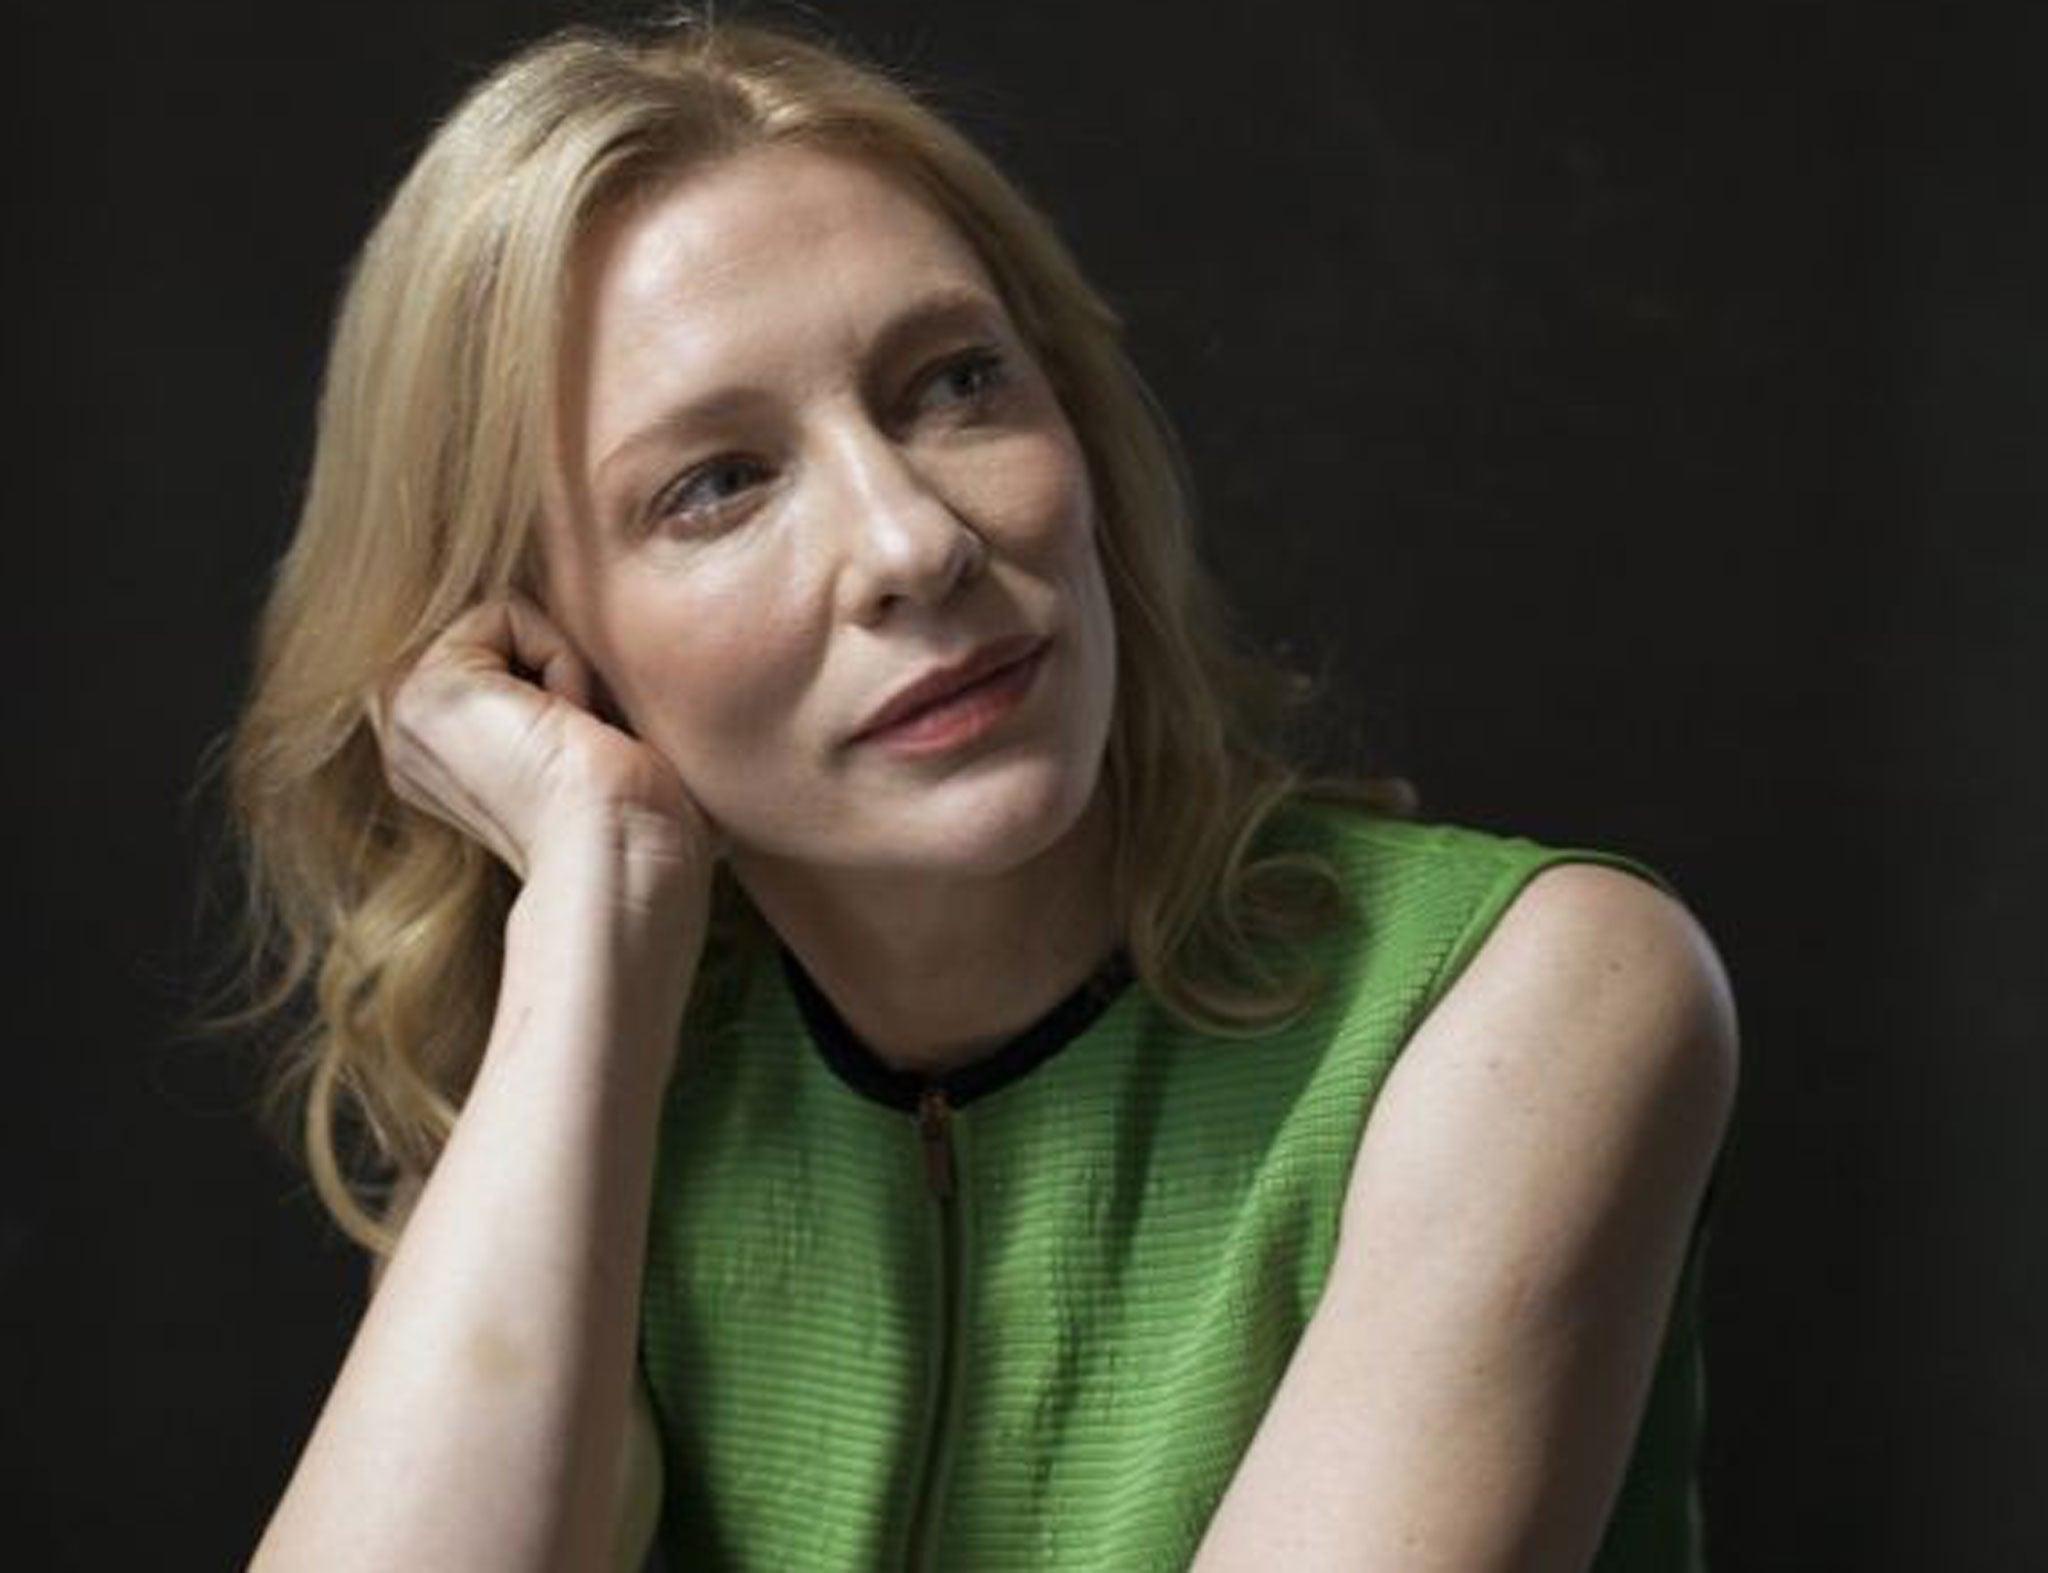 Cate Blanchett Woody Allen Film